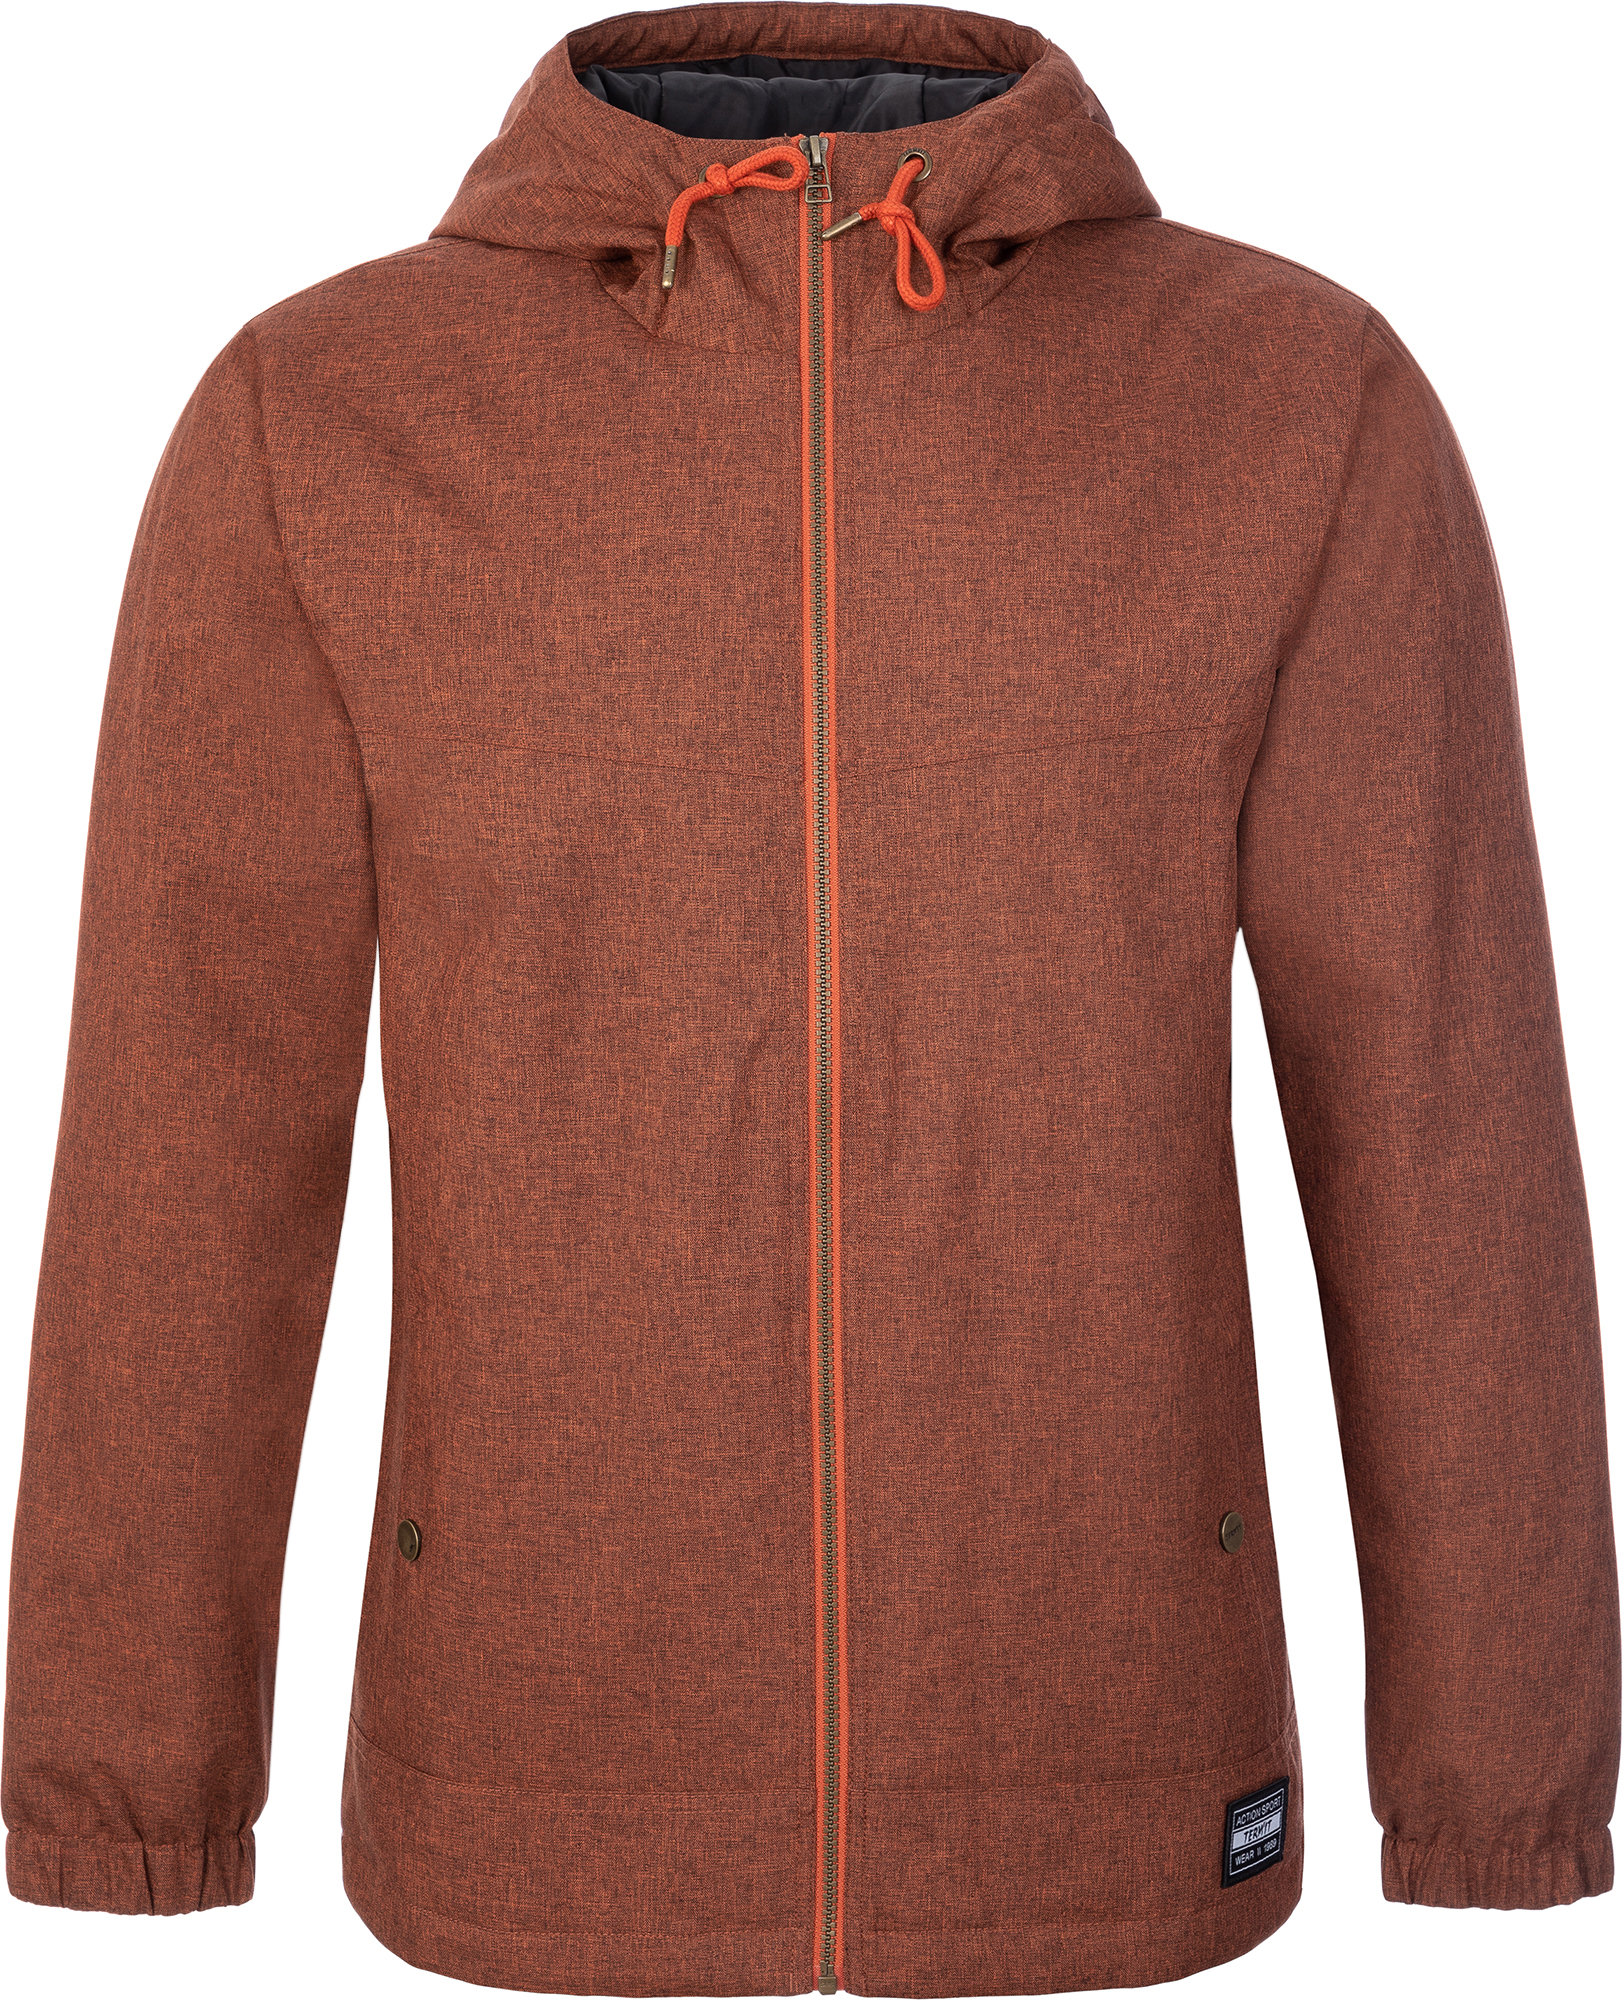 Termit Куртка утепленная мужская Termit, размер 44